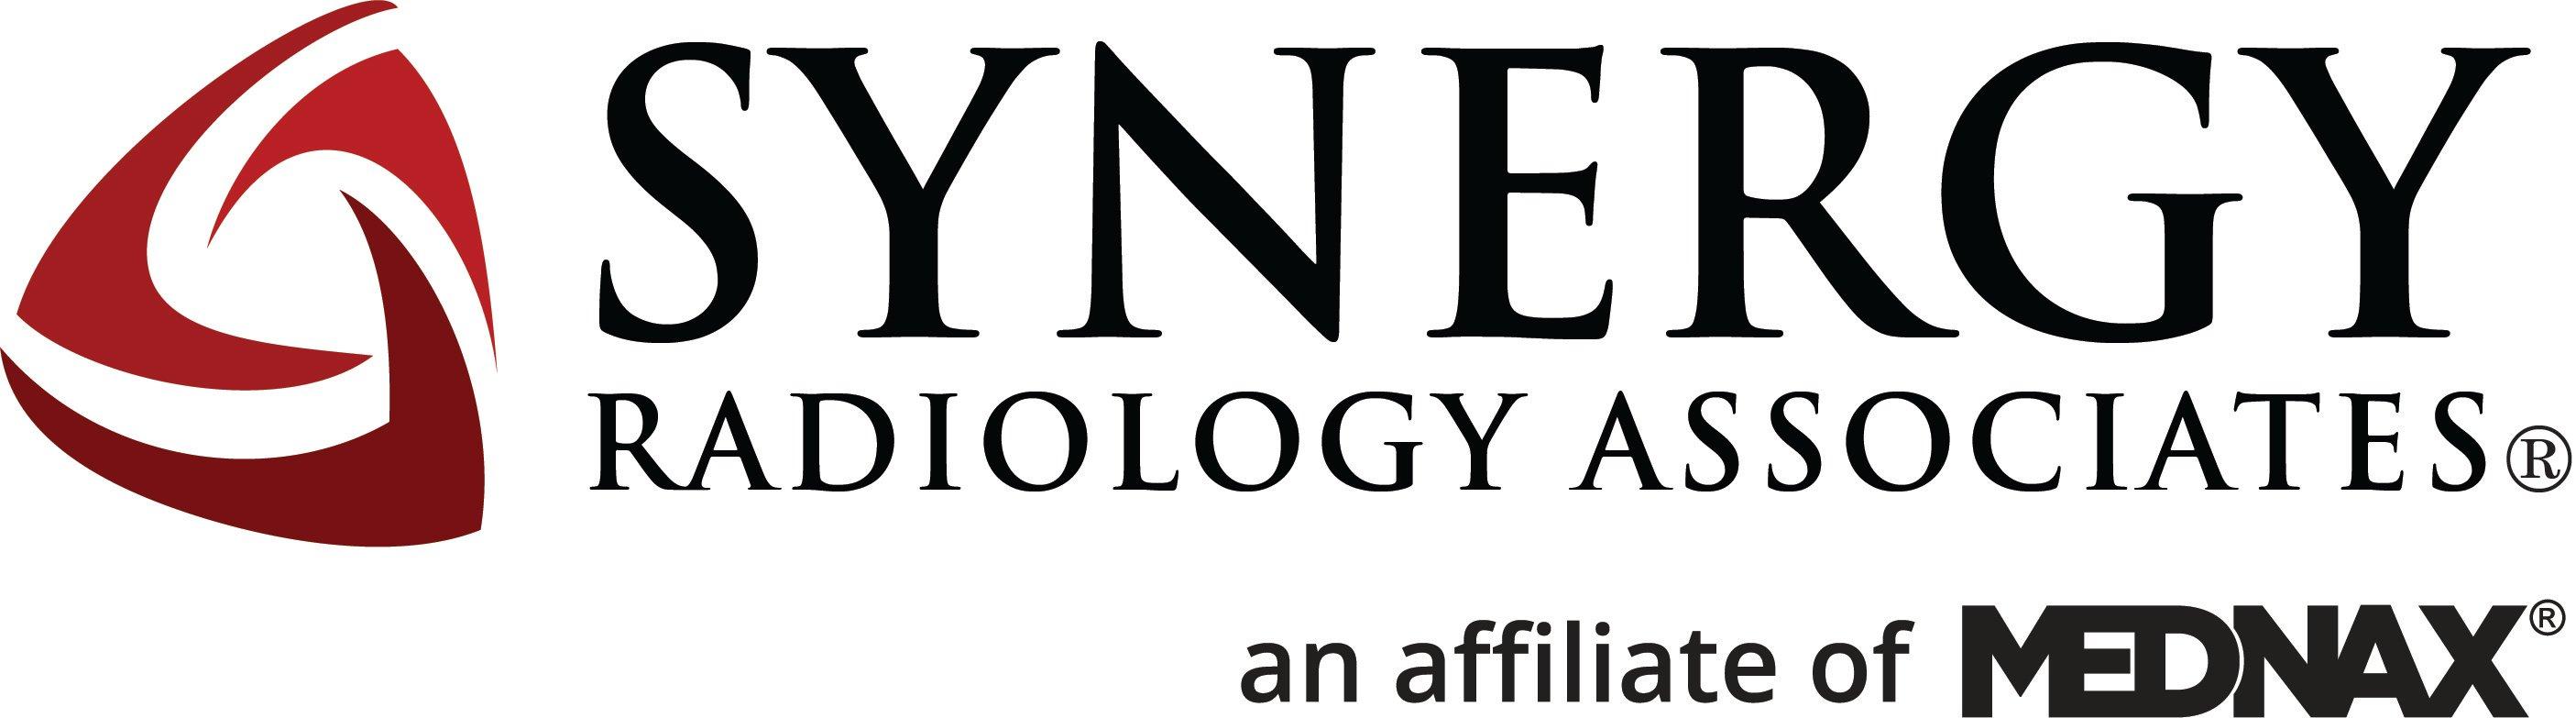 SynRad Logo_Long_aff.jpg